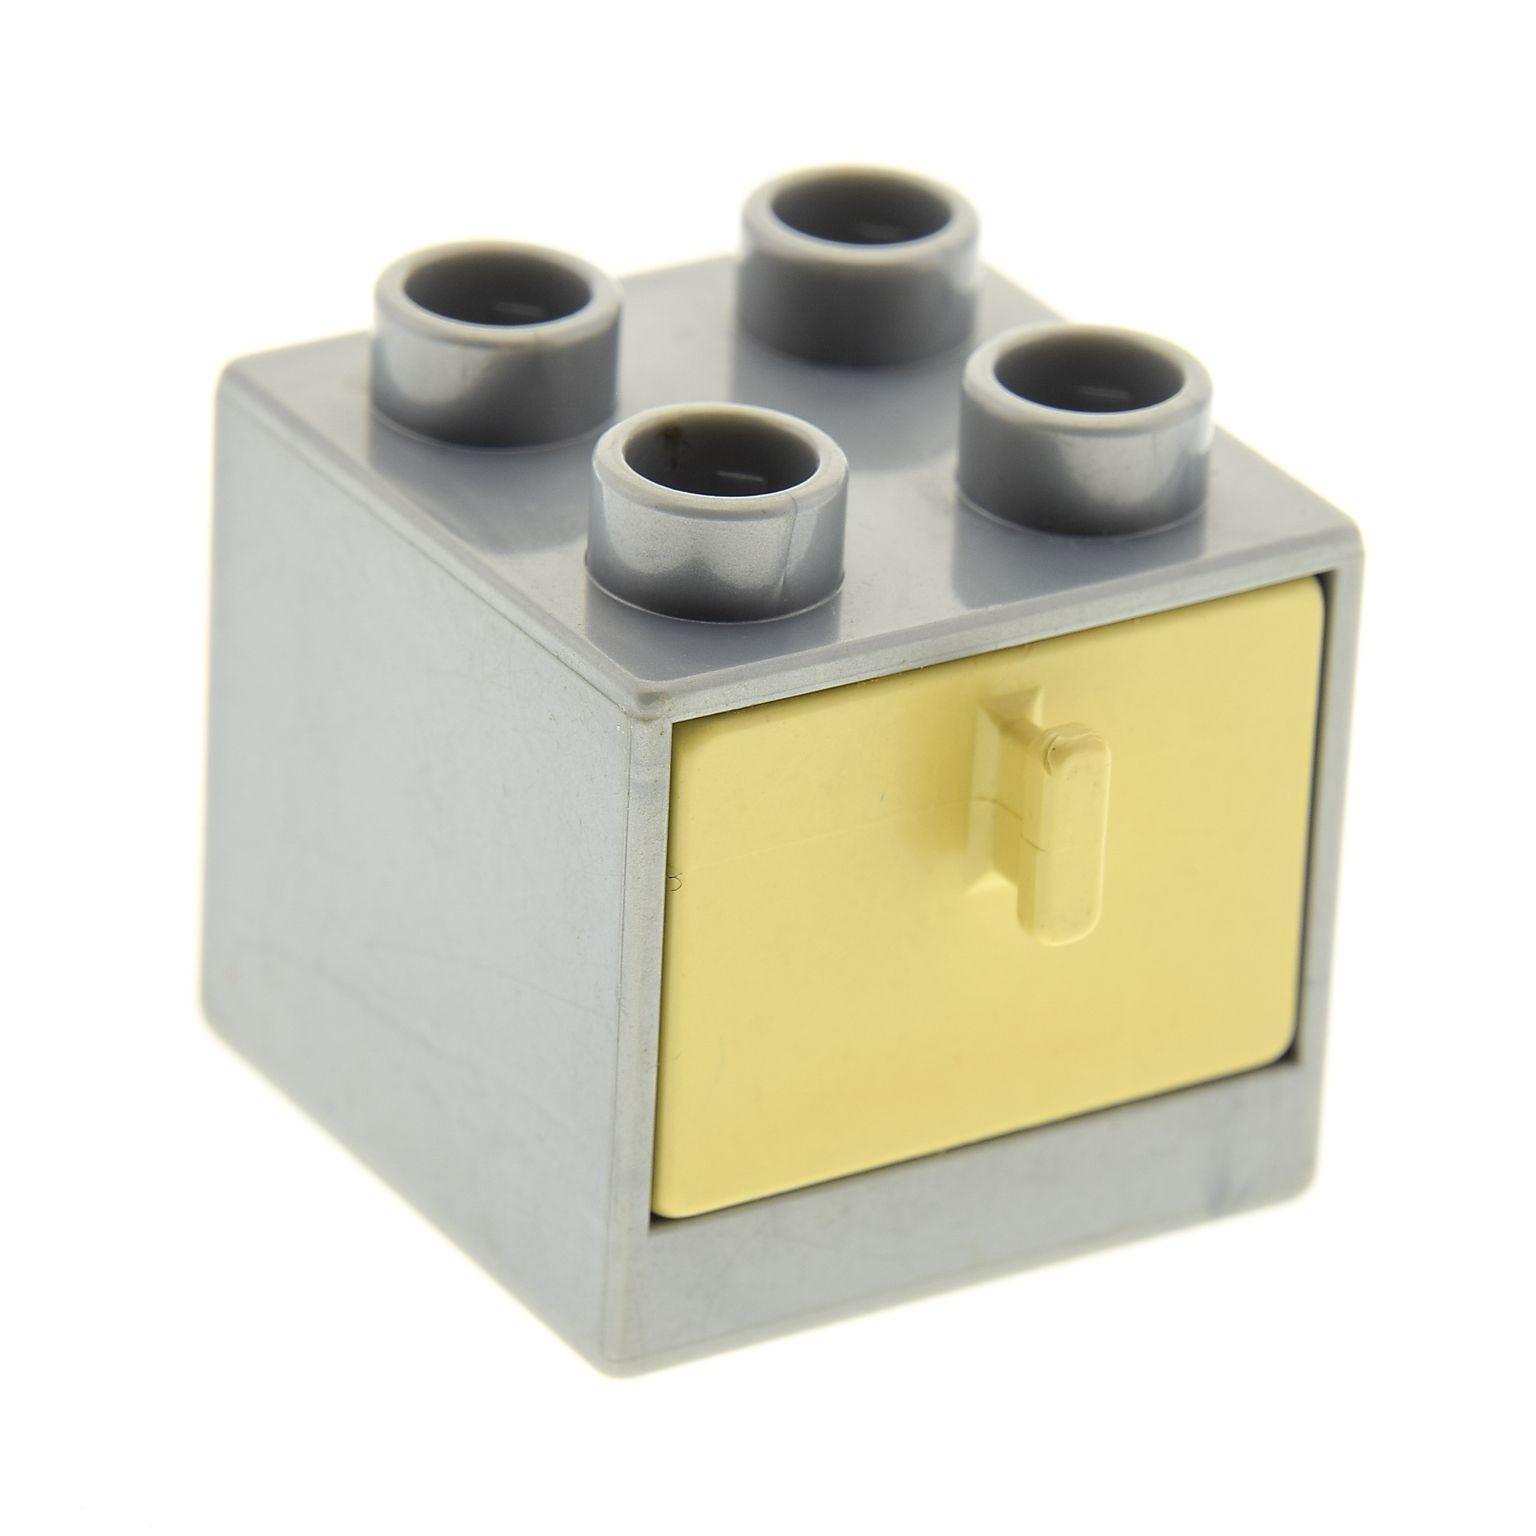 1 x Lego Duplo Möbel Schrank perl-silber grau 2x2x1.5 Kommode mit ...